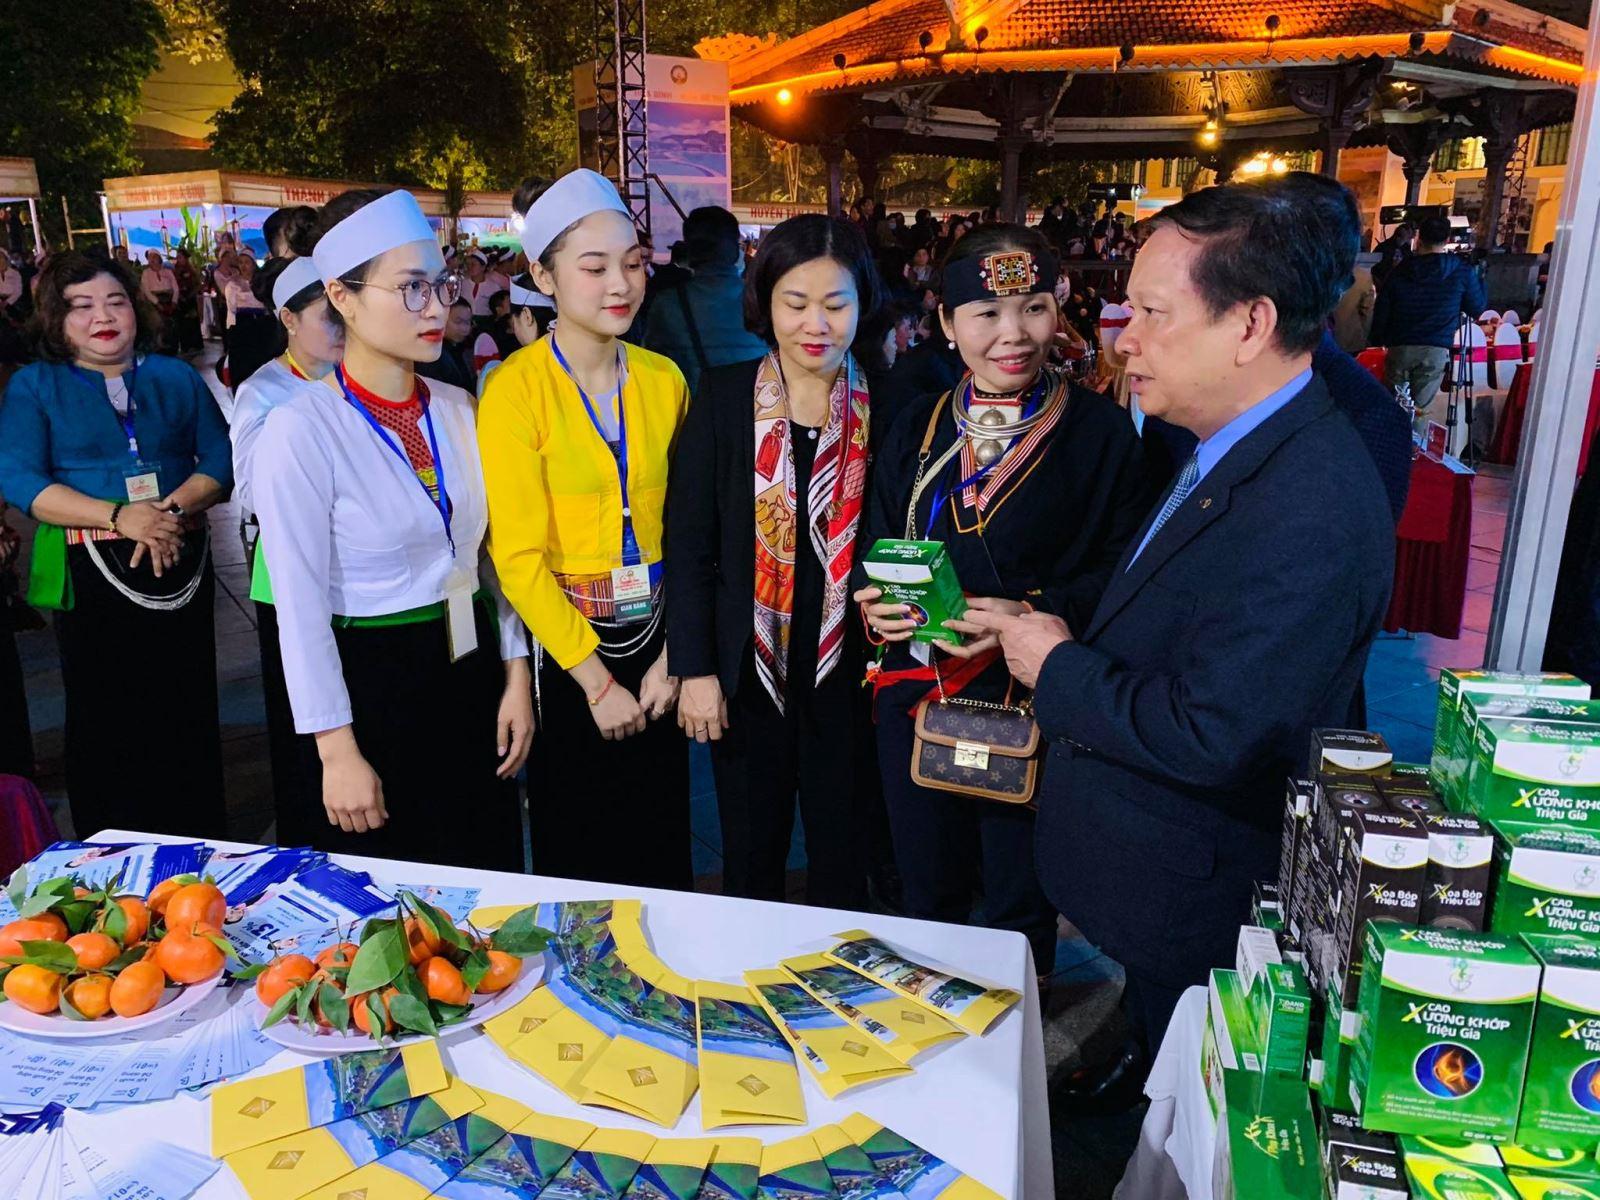 Các đại biểu thăm quan các gian trưng bày sản phẩm du lịch, đặc sản địa phương và trình diễn các nghề truyền thống.